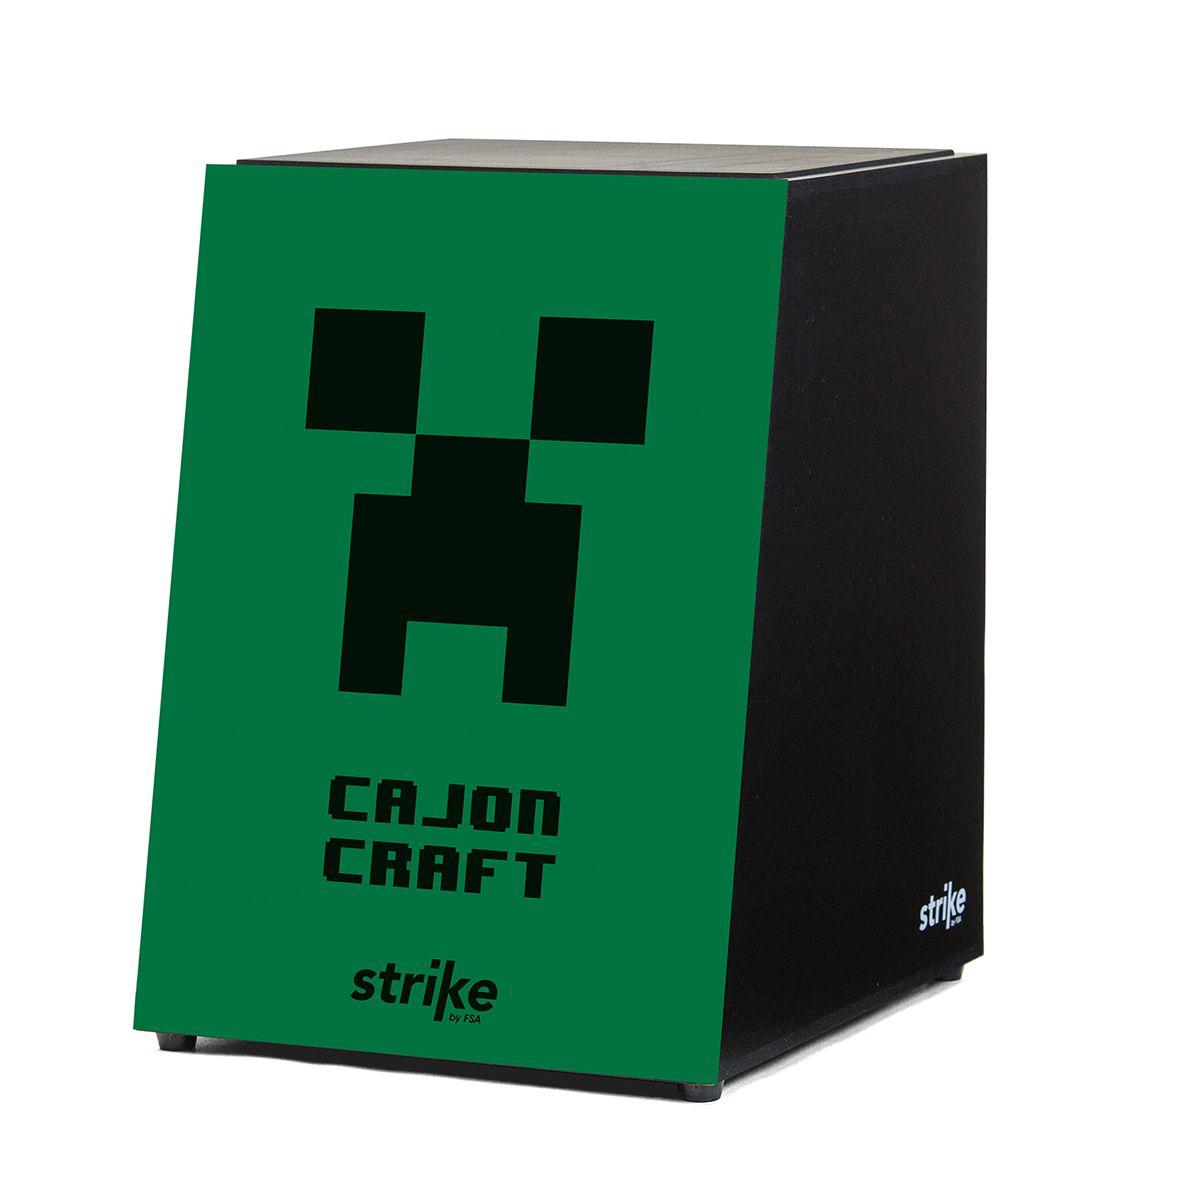 Cajon FSA Strike SK4039 Craft Verde - Acústico